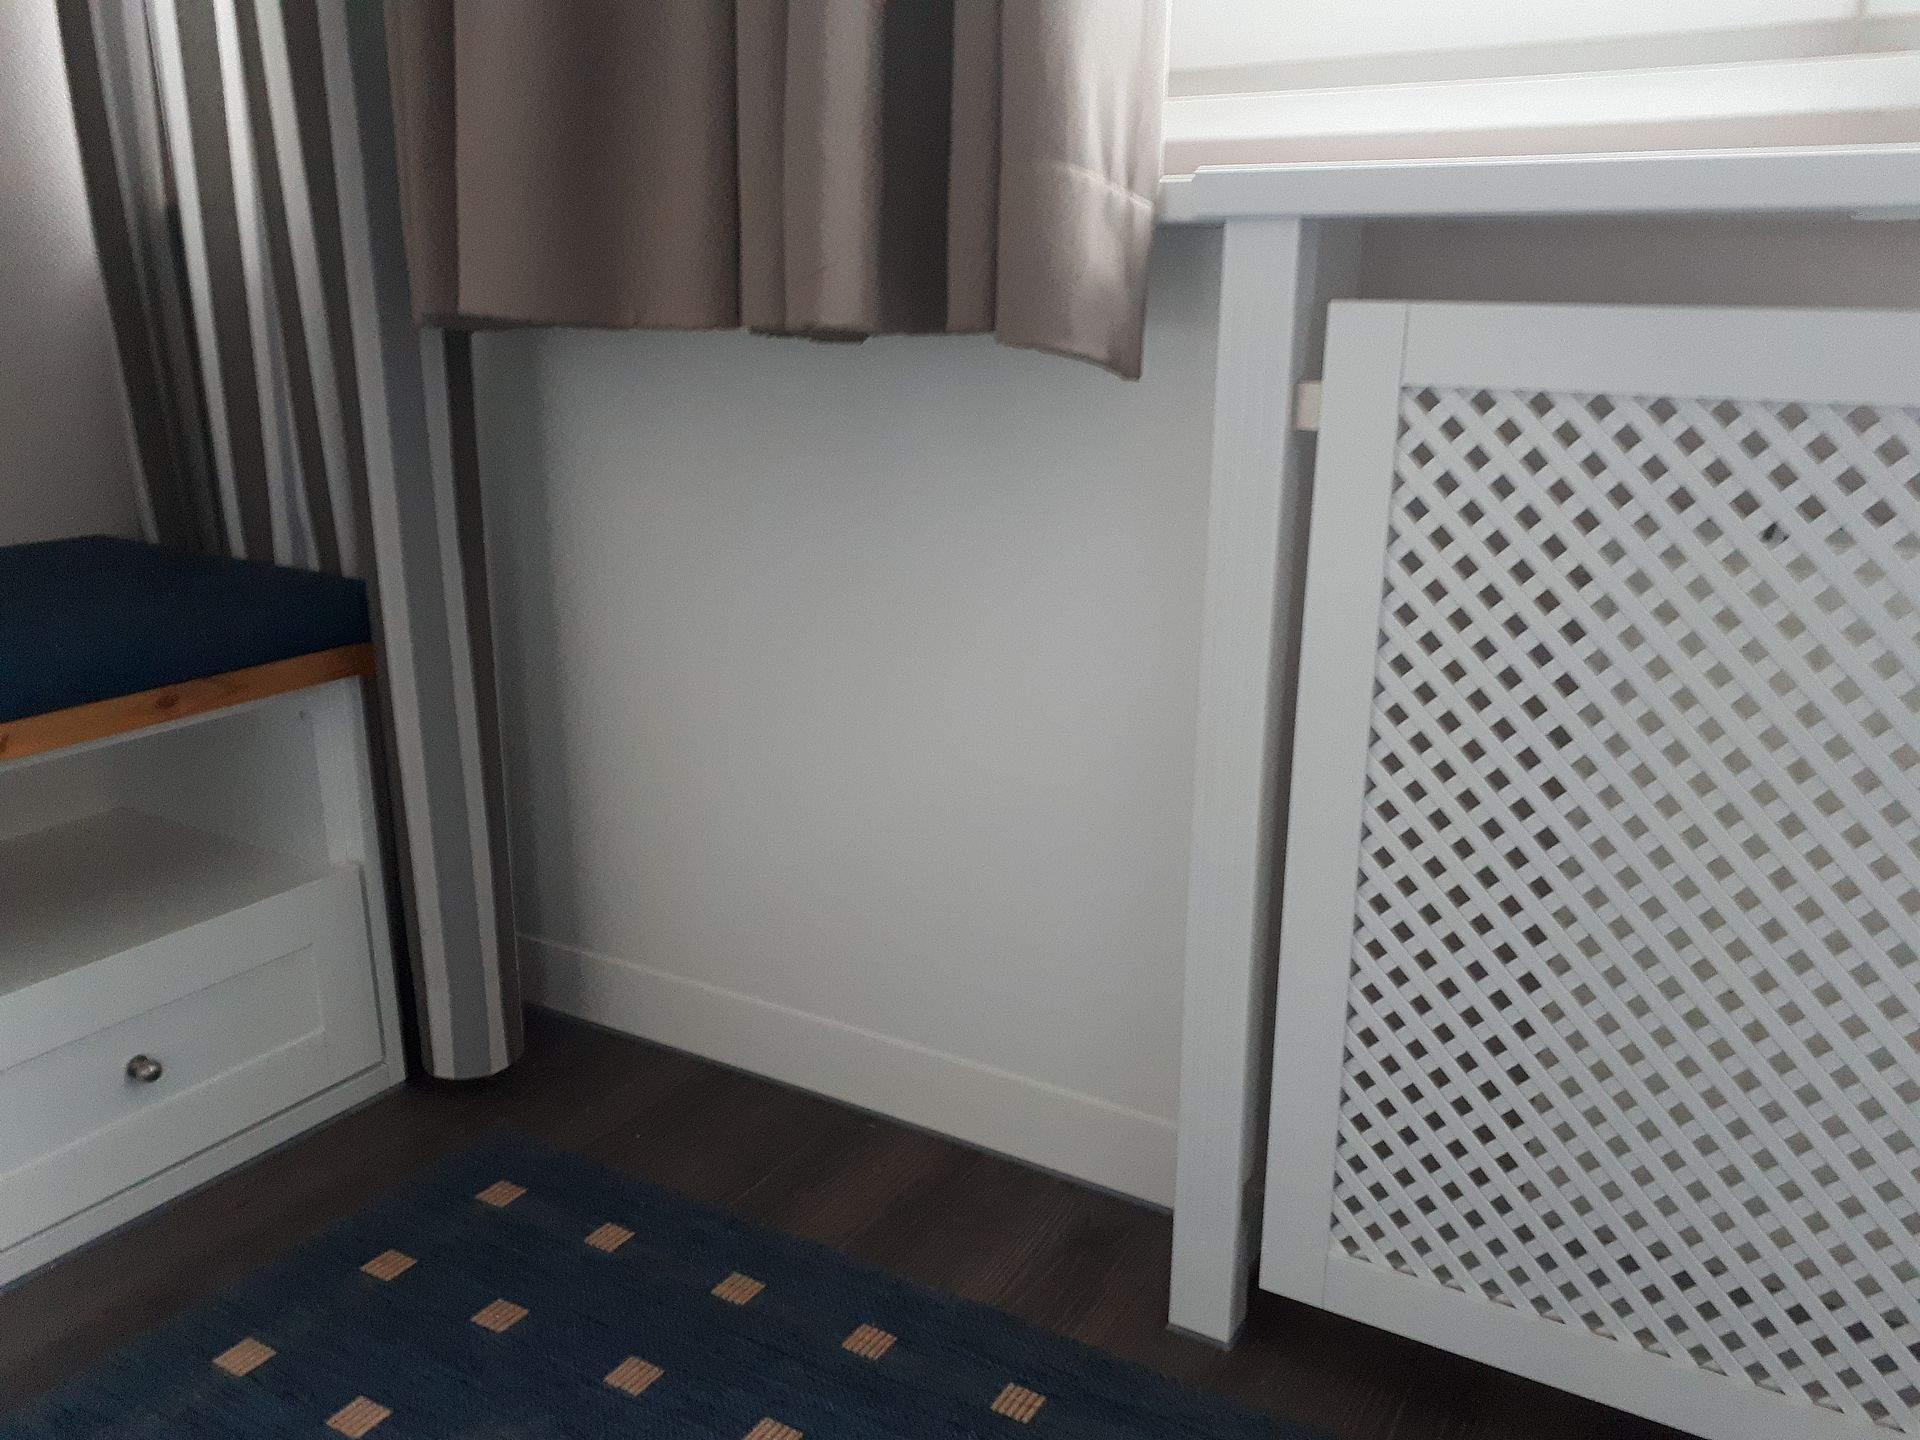 Full Size of Wandheizkörper Wandheizkrper Wohnzimmer Elegant Heizkrperverkleidung Wohnzimmer Wandheizkörper